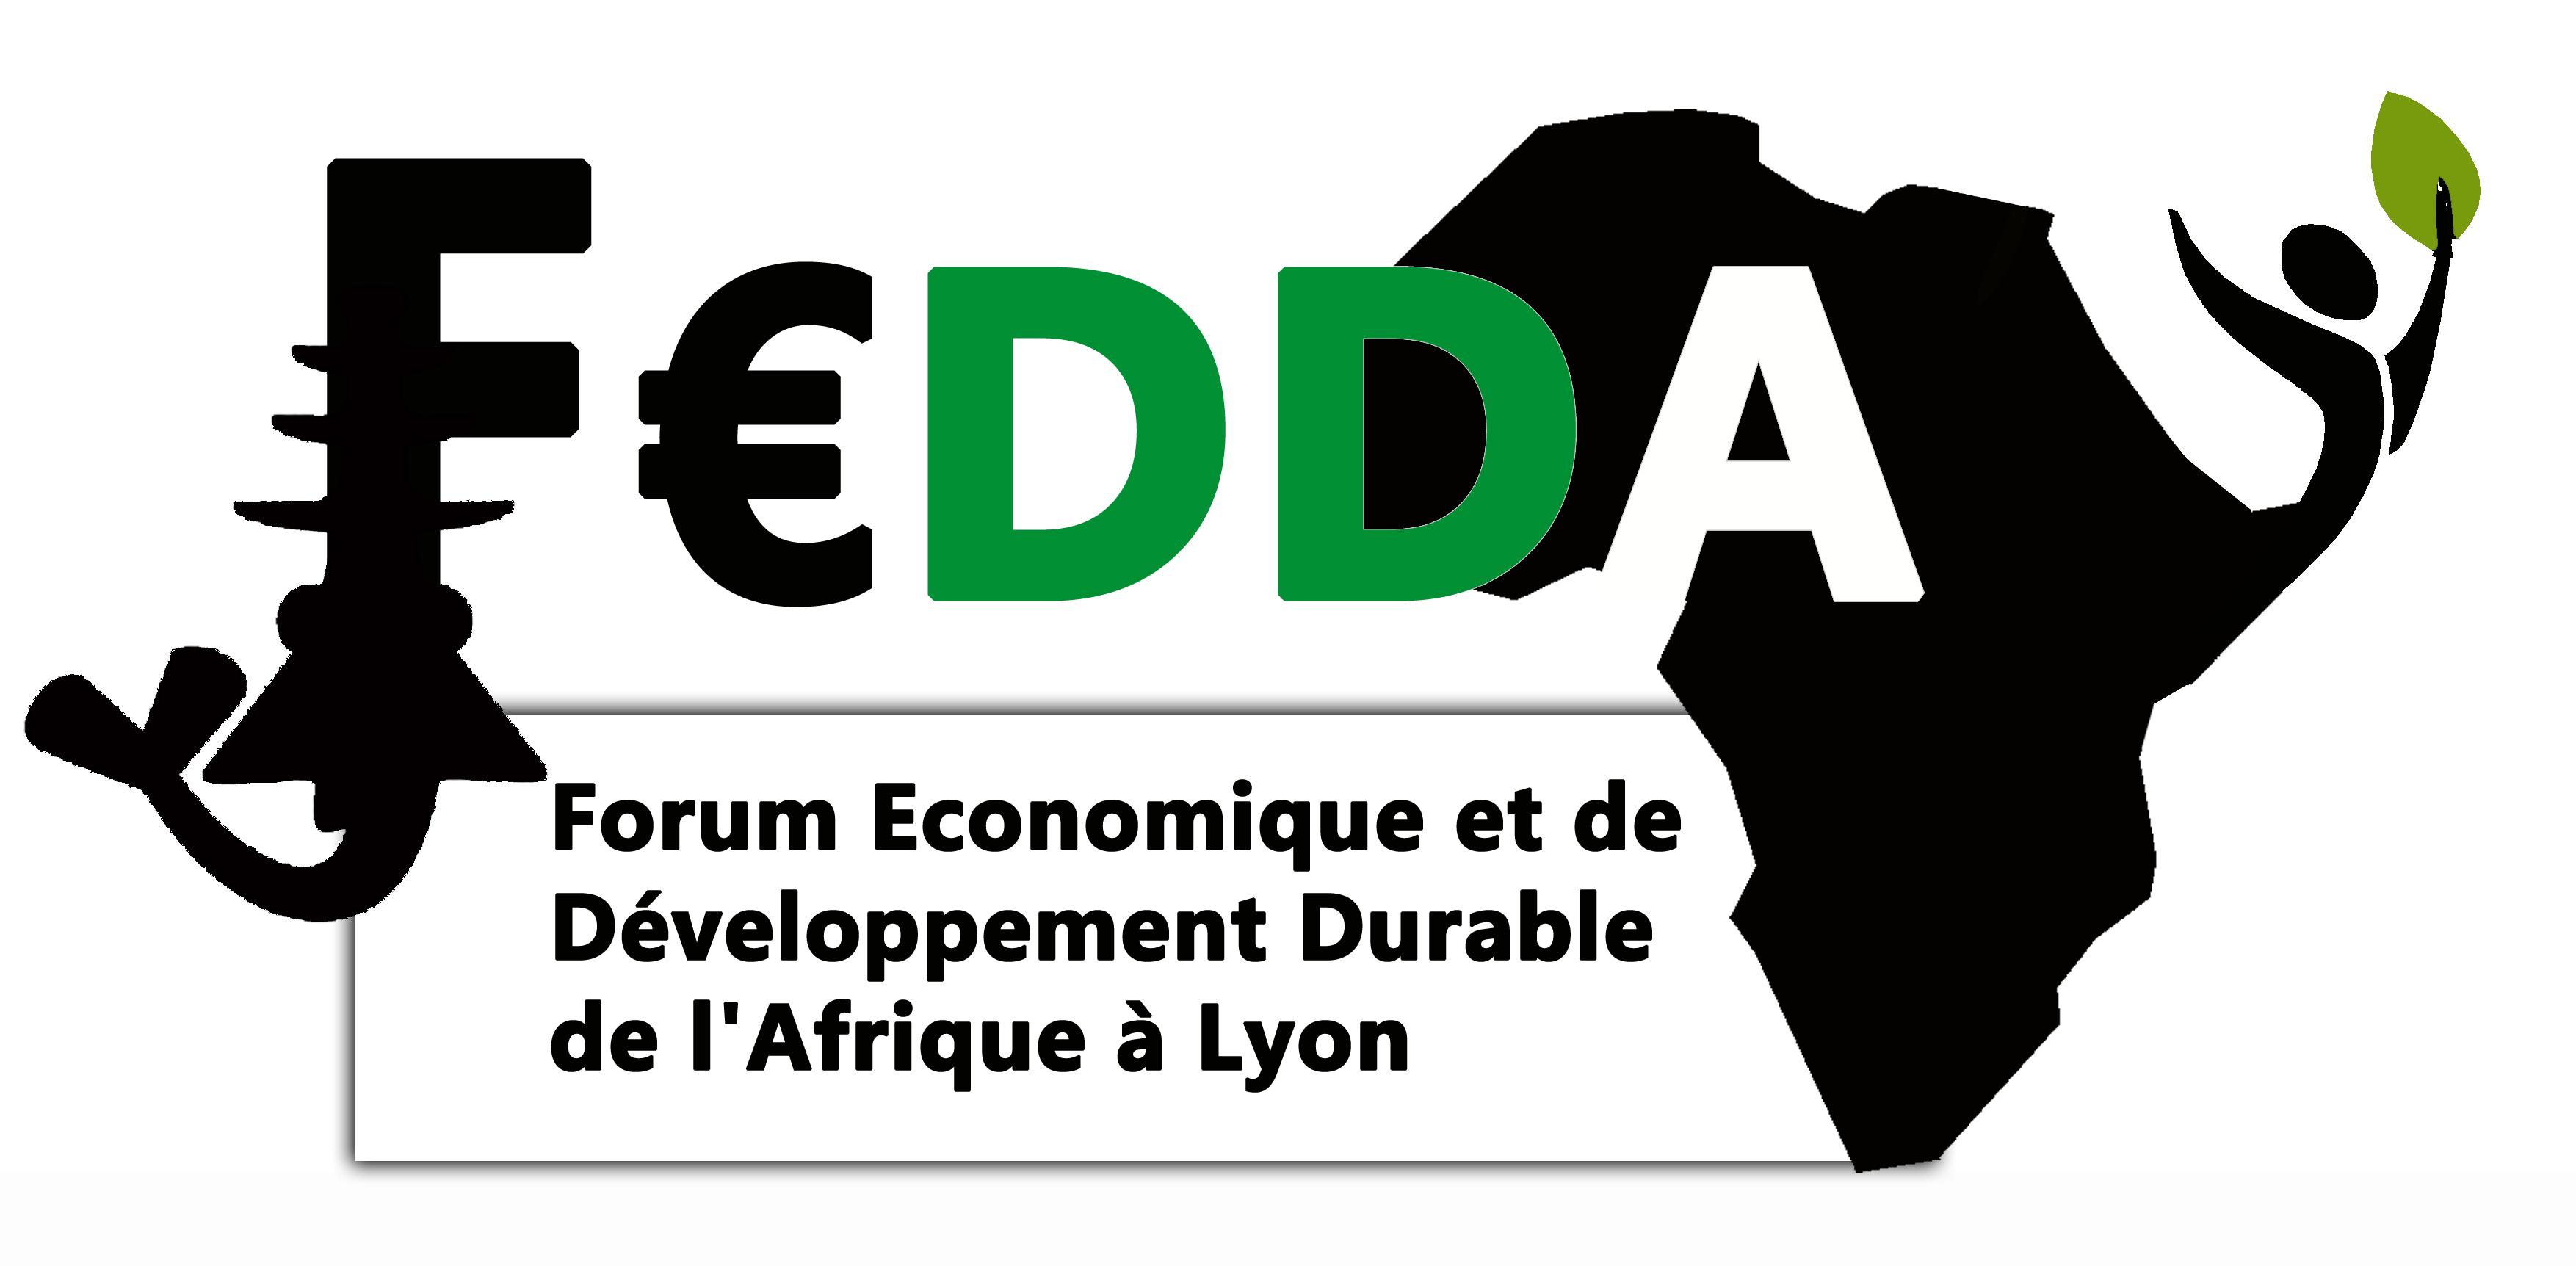 Forum Economique pour le Développement Durable en Afrique